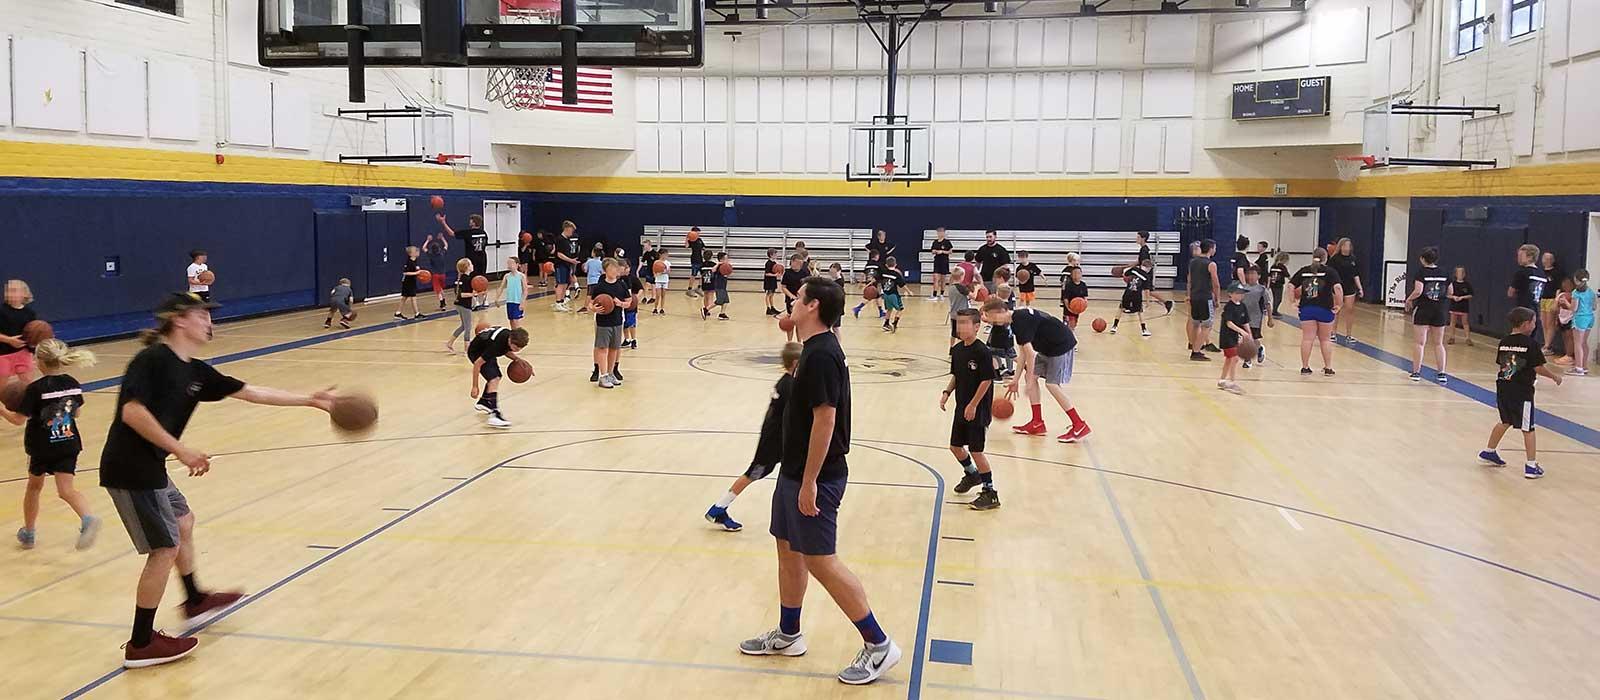 annual-ministries-outreach-basketball-camp